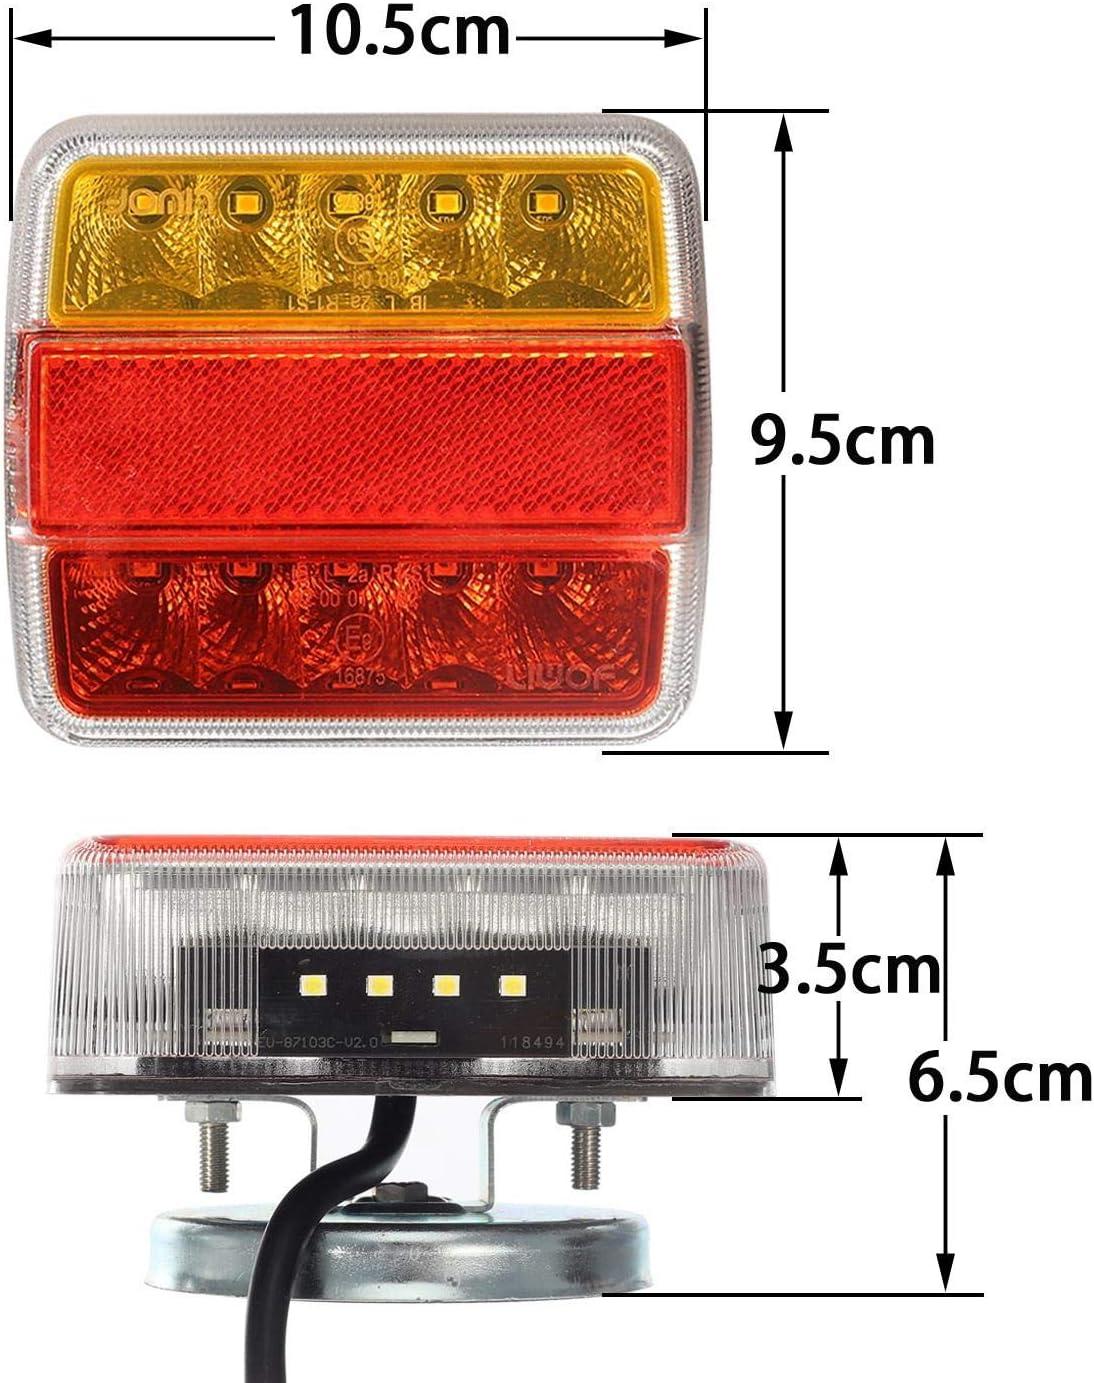 2X 14 luci Posteriori per rimorchio a LED Lampada da 12 V per fanale Posteriore Cavo da 7,5 m con Spina a 7 Pin indicatore di direzione Partsam Kit luci Posteriori per rimorchio con Cavo Magnetico